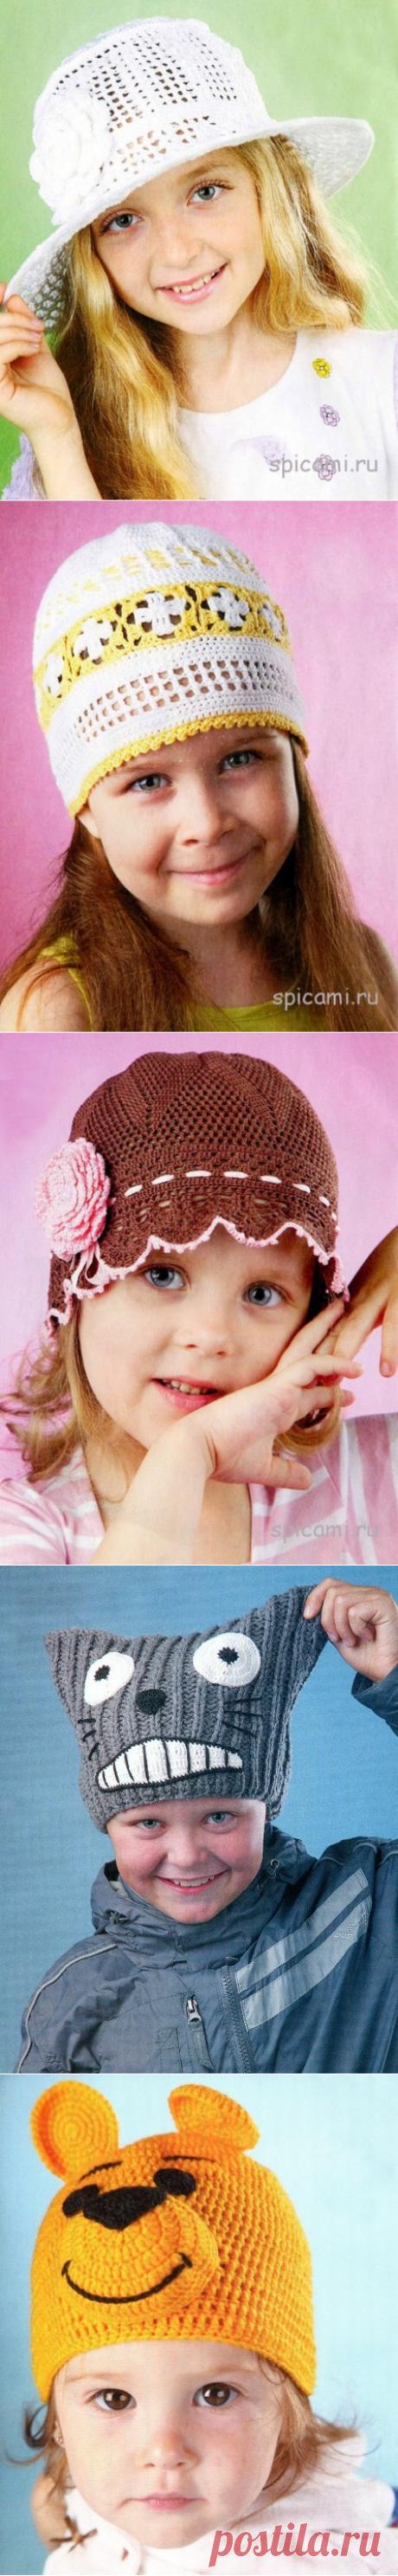 Los sombreros de señora tejidos infantiles, el gorrito, la panameña. 6 modelos.